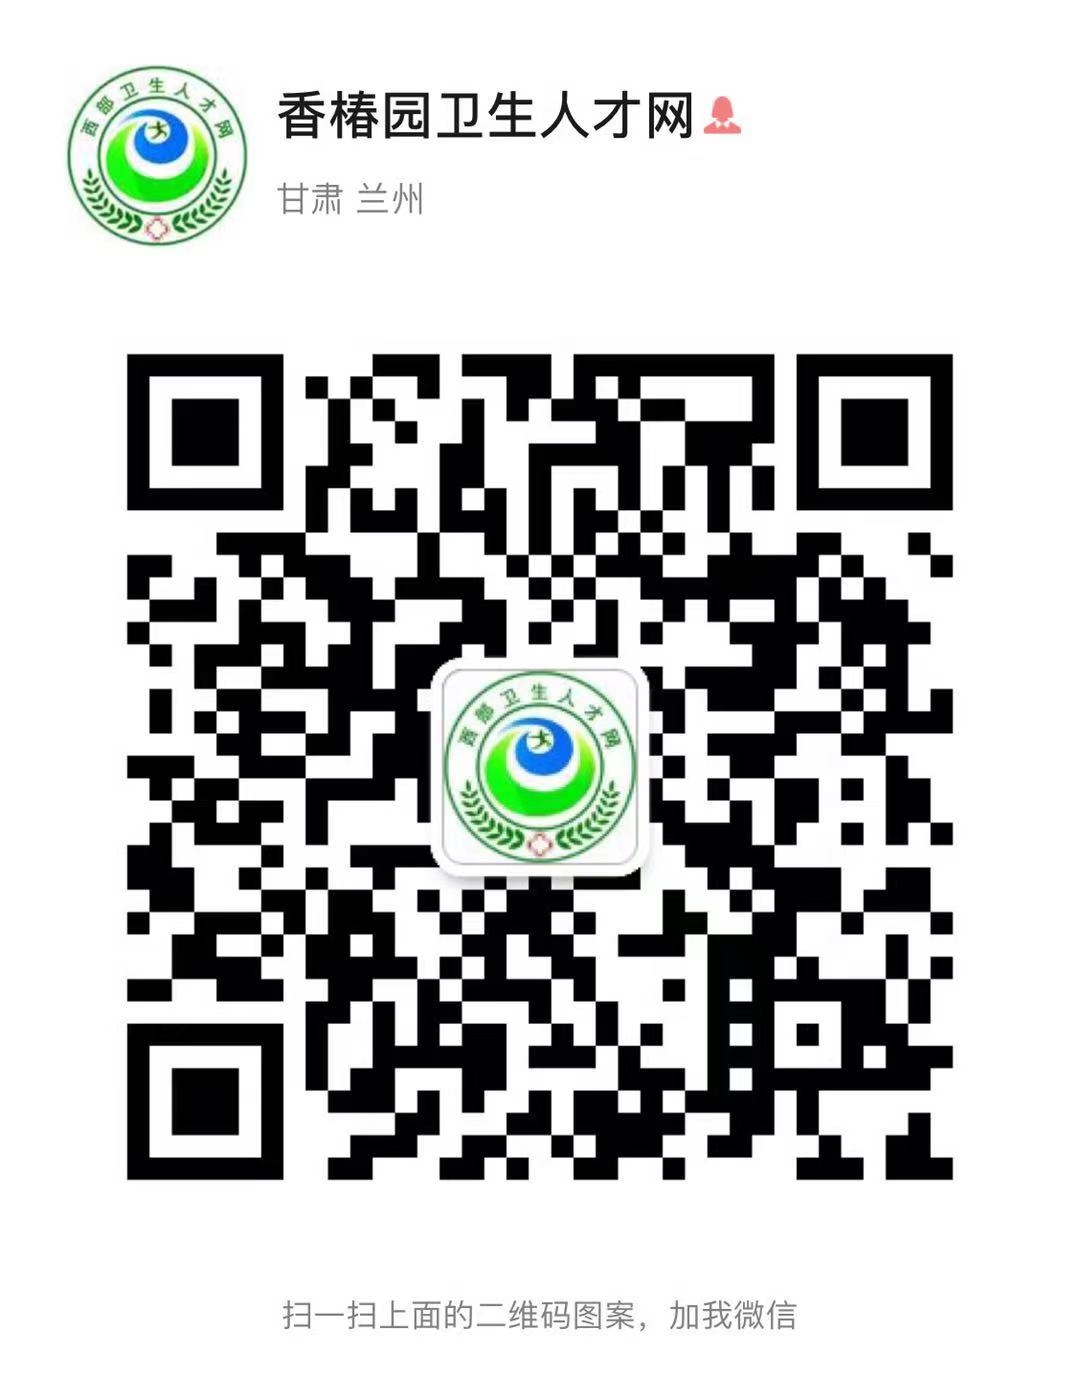 微信图片_20210330161427.jpg